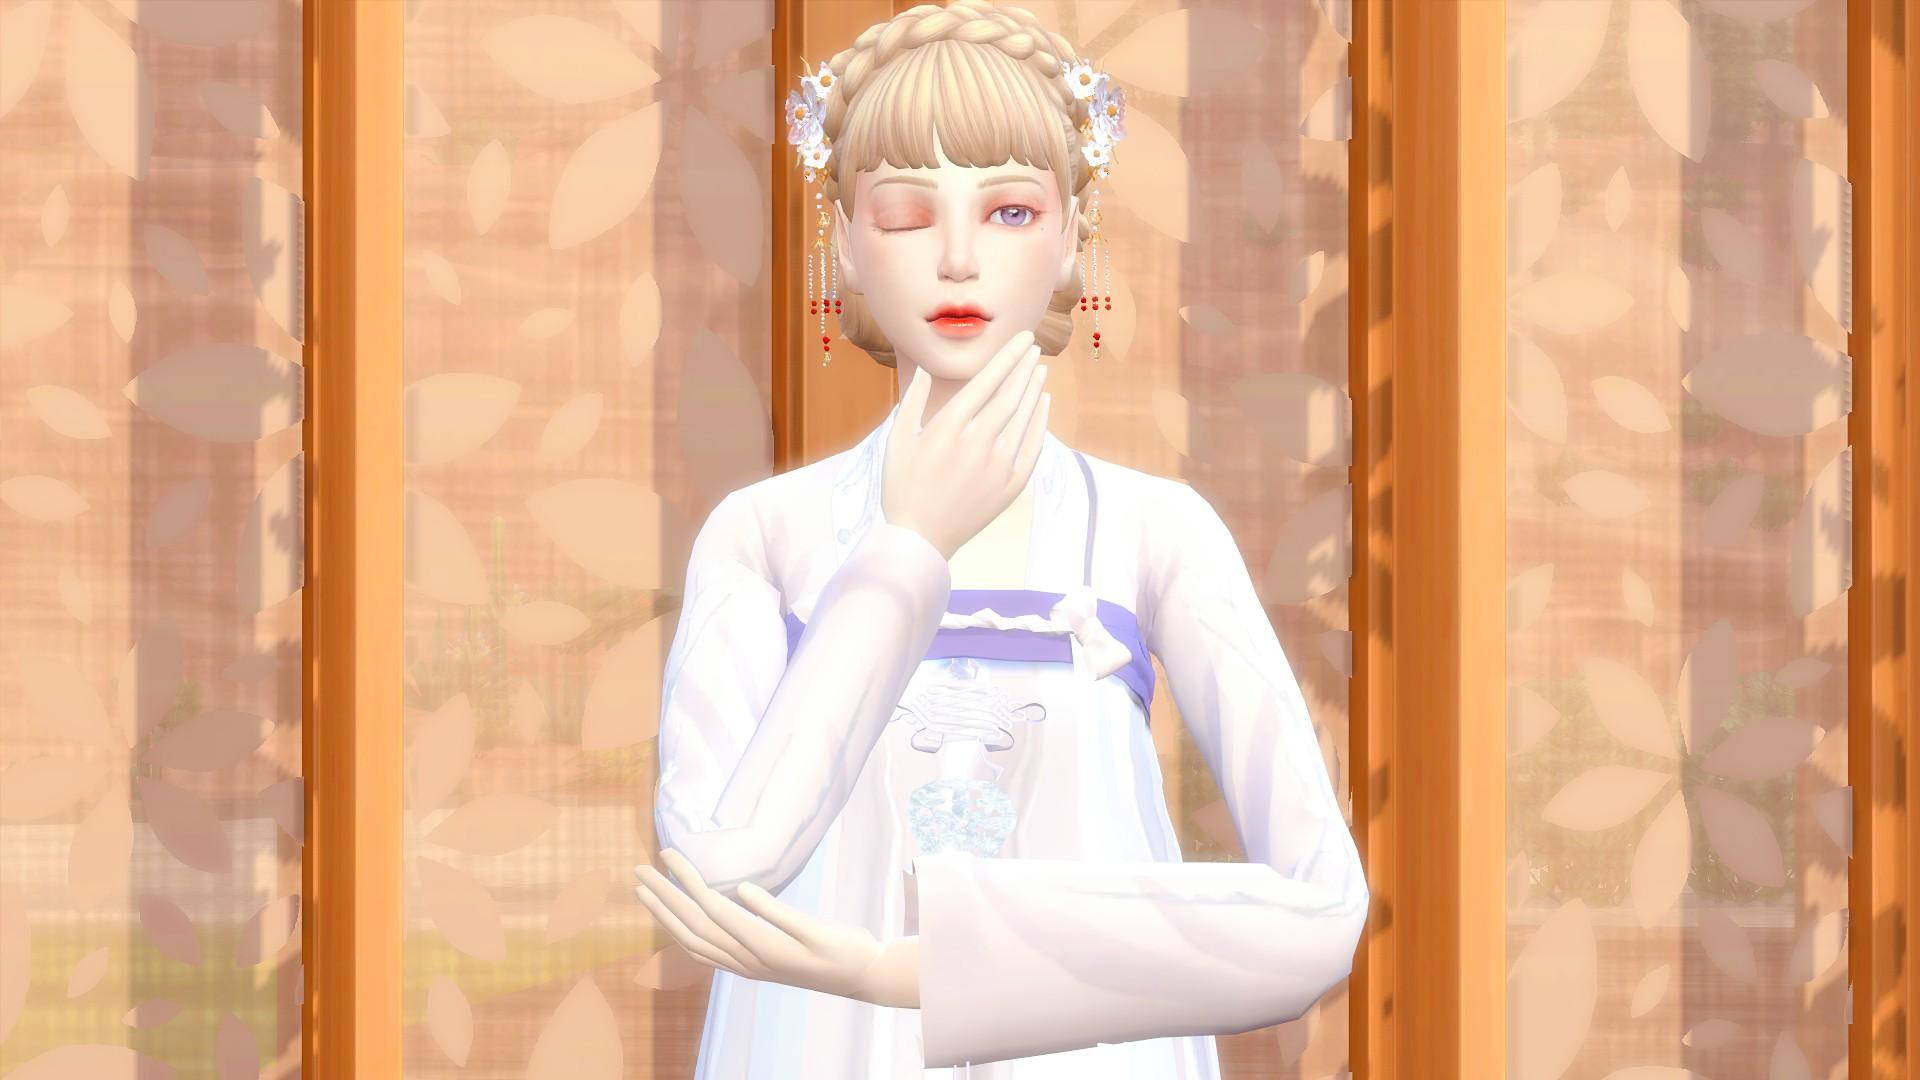 Sims 4 Screenshot 2021.02.18 - 20.01.06.01.png